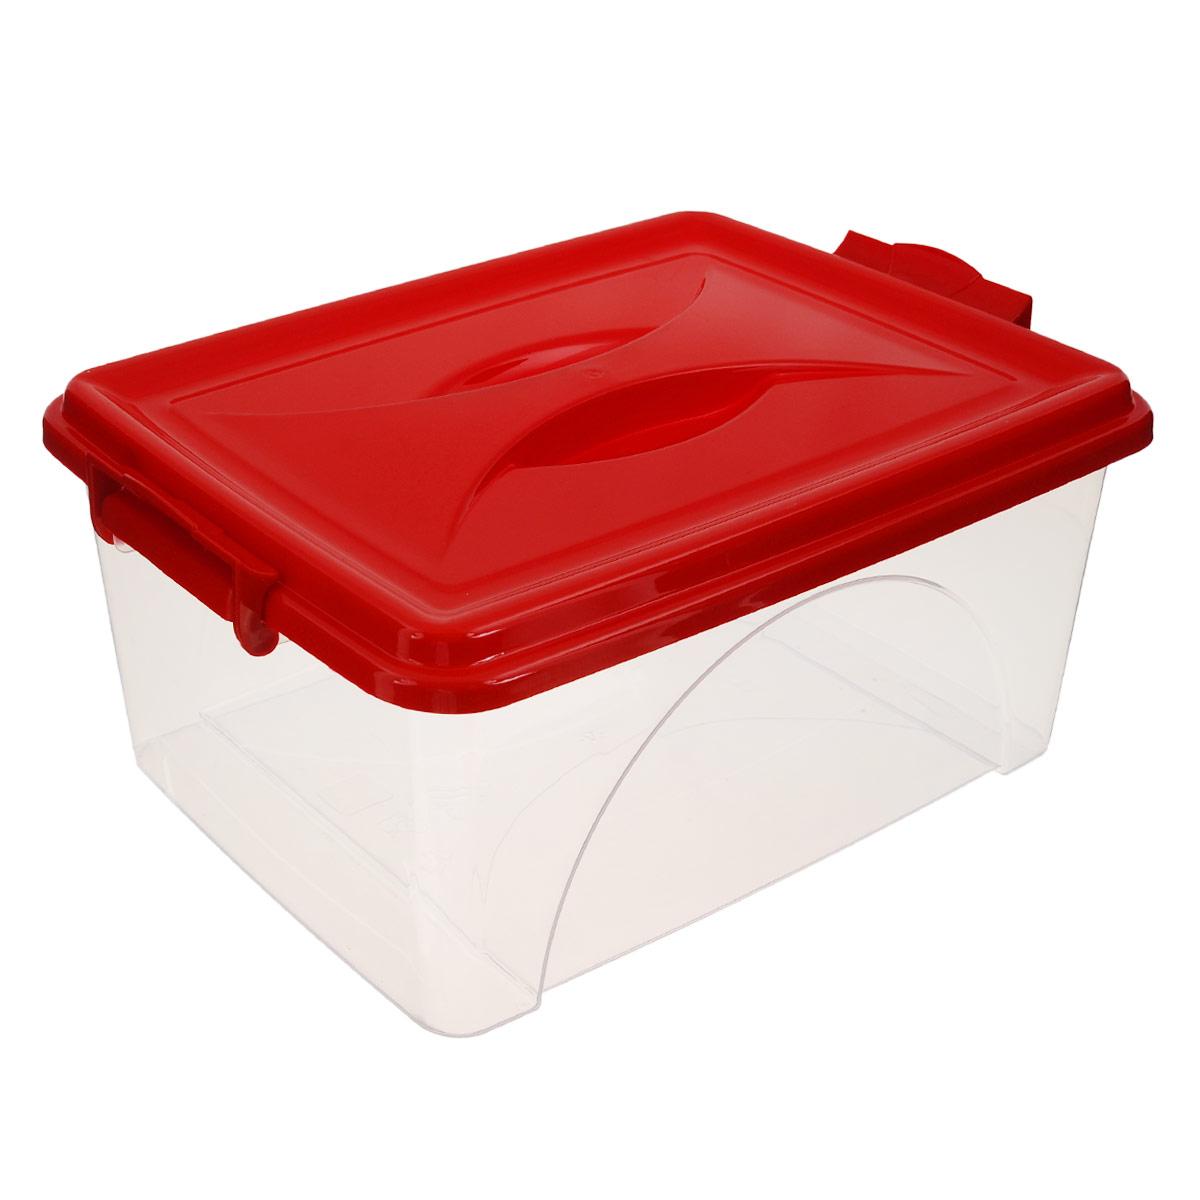 Контейнер Альтернатива, цвет: красный, 11,5 лPANTERA SPX-2RSКонтейнер Альтернатива выполнен из прочного пластика. Он предназначен для хранения различных мелких вещей. Крышка легко открывается и плотно закрывается. Прозрачные стенки позволяют видеть содержимое. По бокам предусмотрены две удобные ручки, с помощью которых контейнер закрывается.Контейнер поможет хранить все в одном месте, а также защитить вещи от пыли, грязи и влаги.